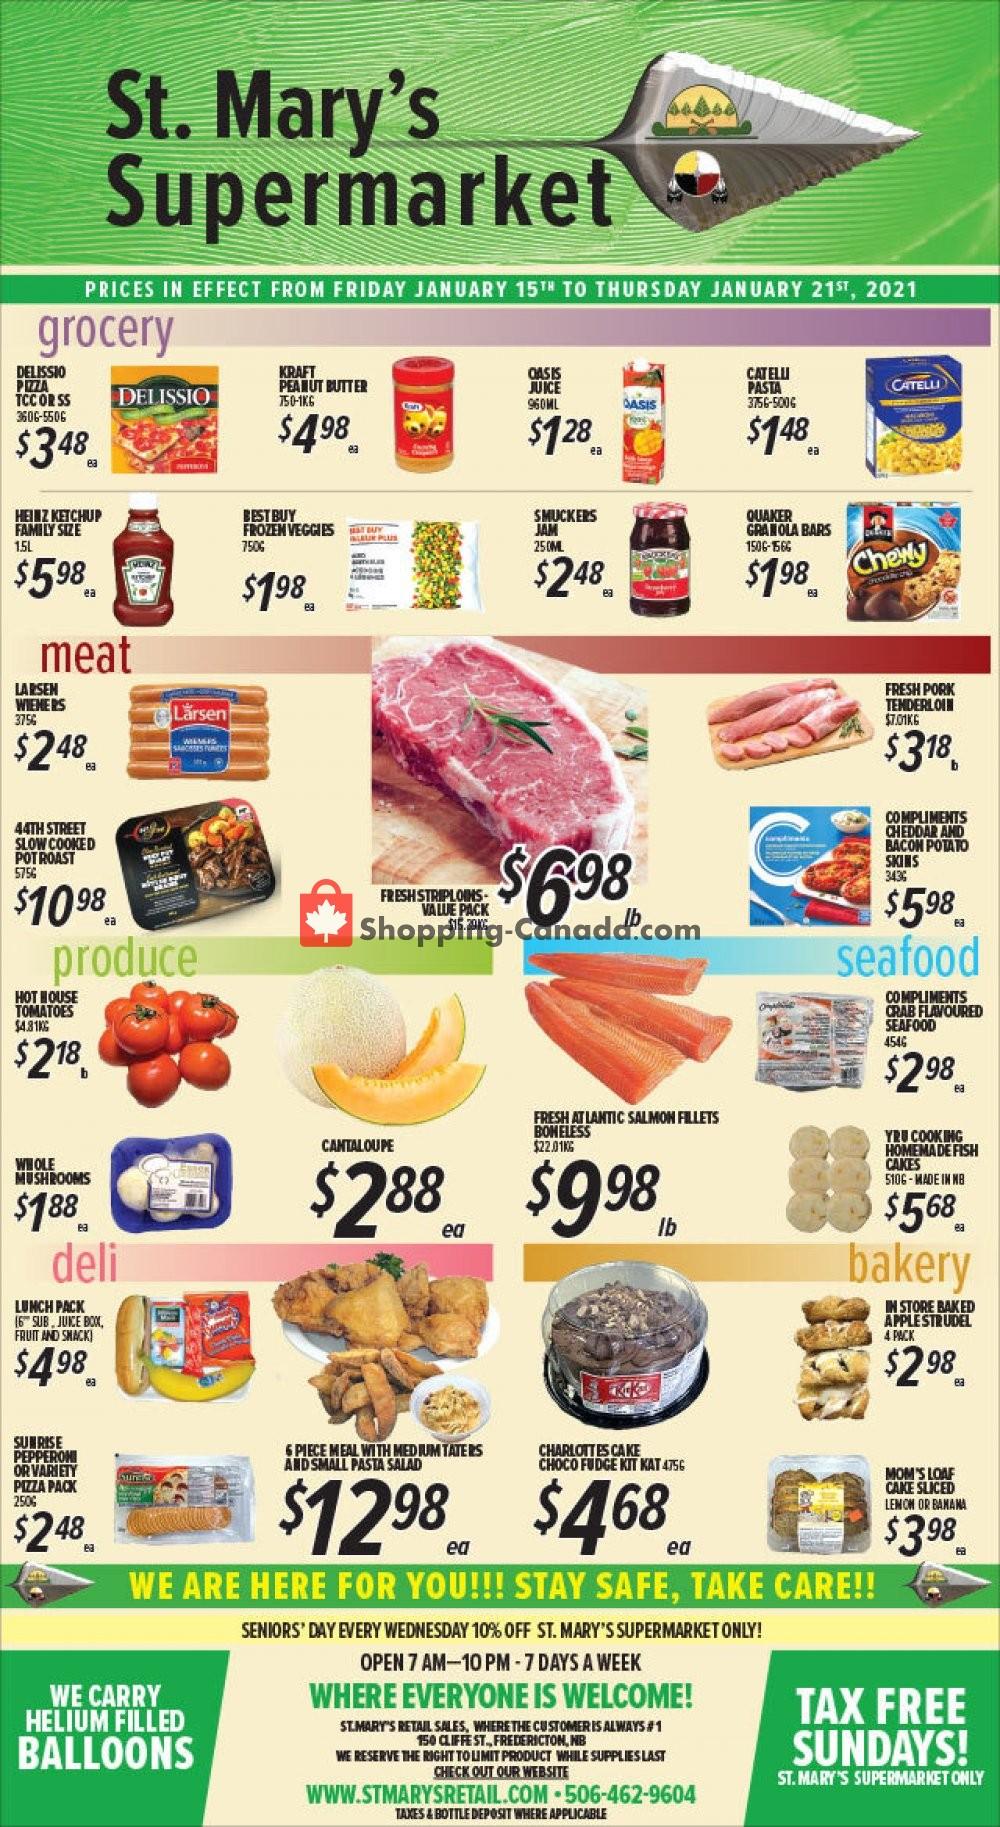 Flyer St. Mary's Supermarket Canada - from Friday January 15, 2021 to Thursday January 21, 2021